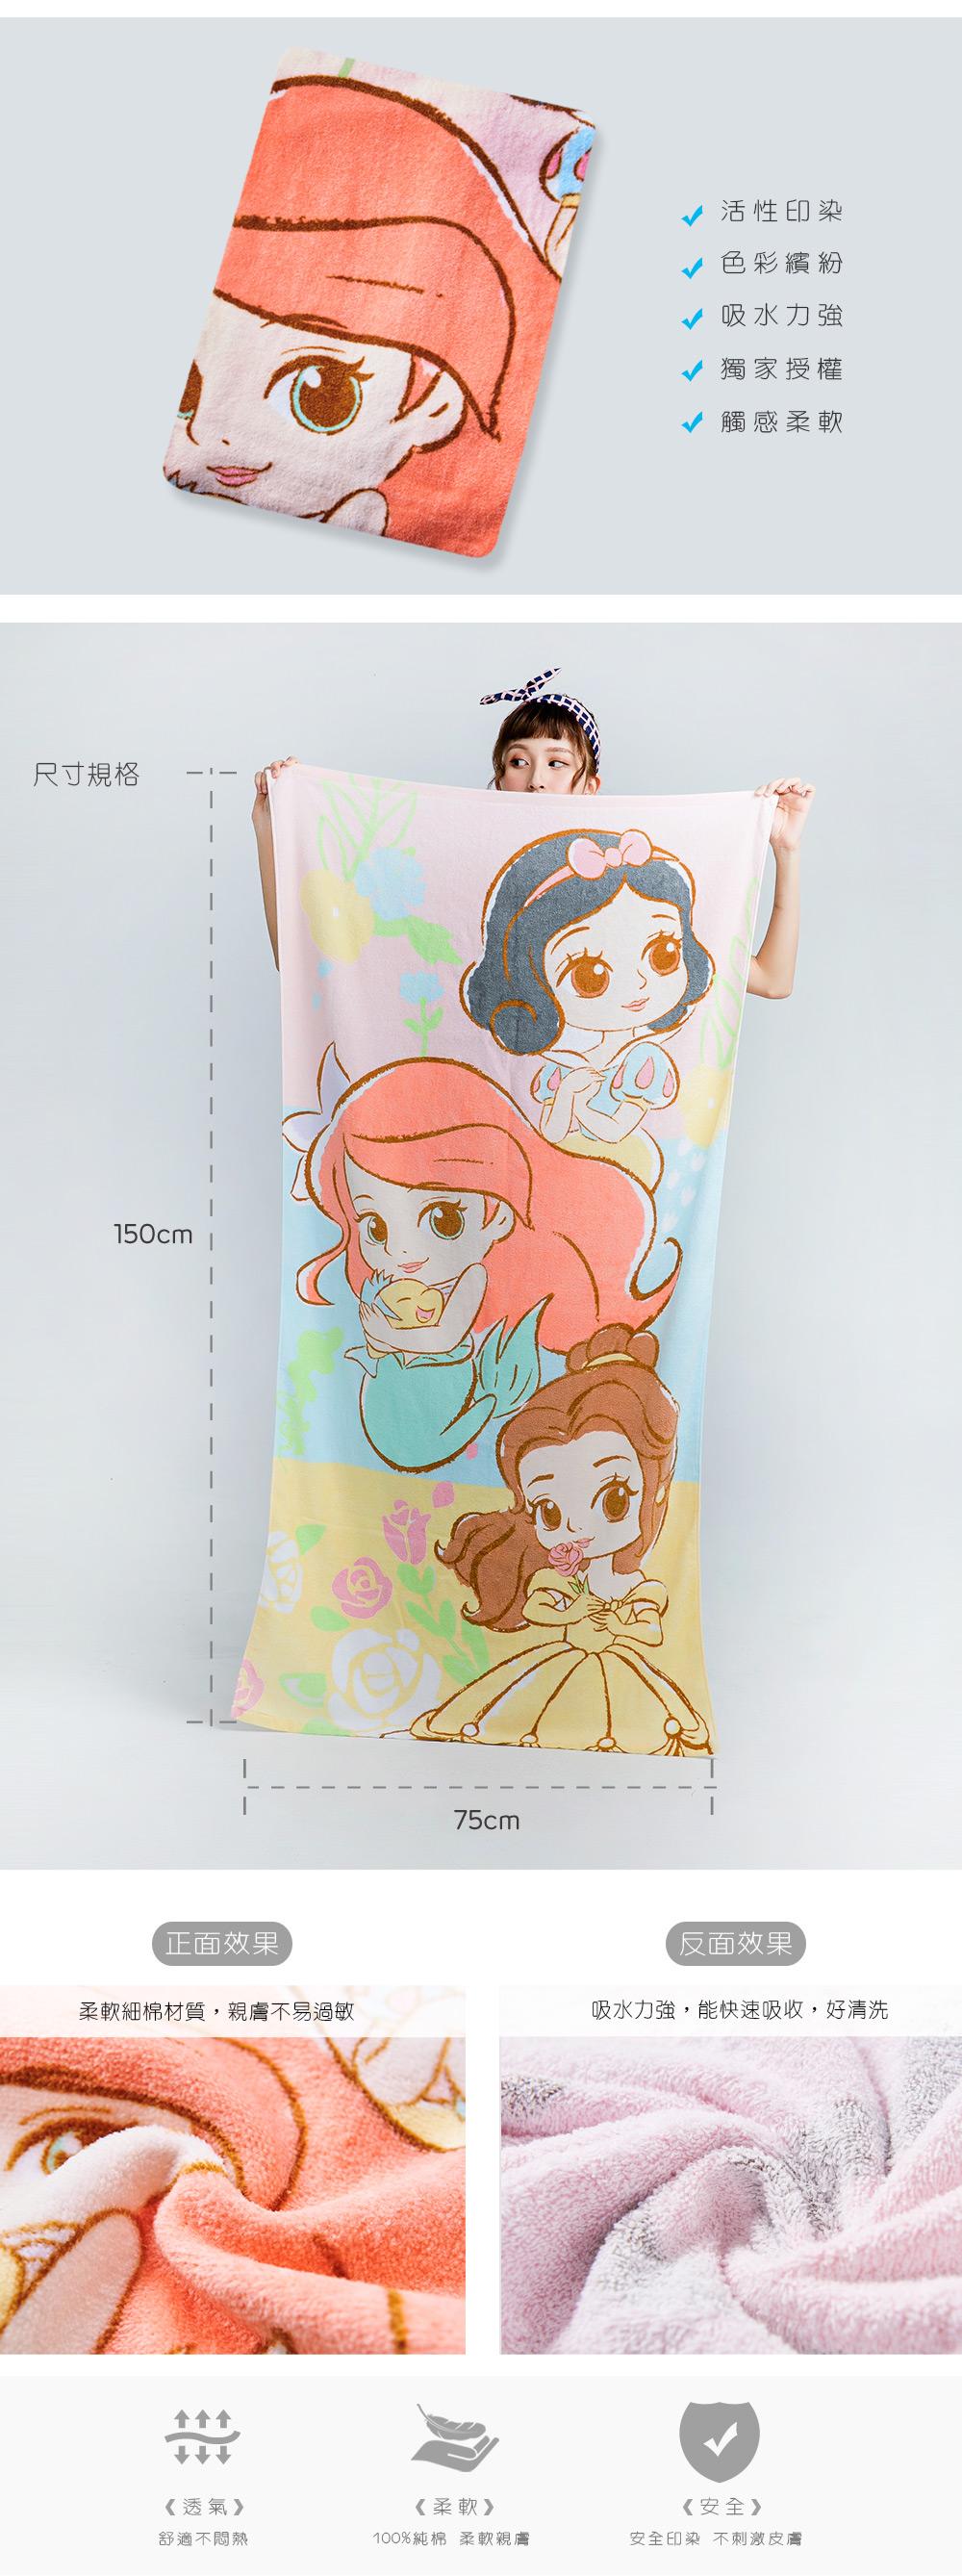 公主大浴巾-02